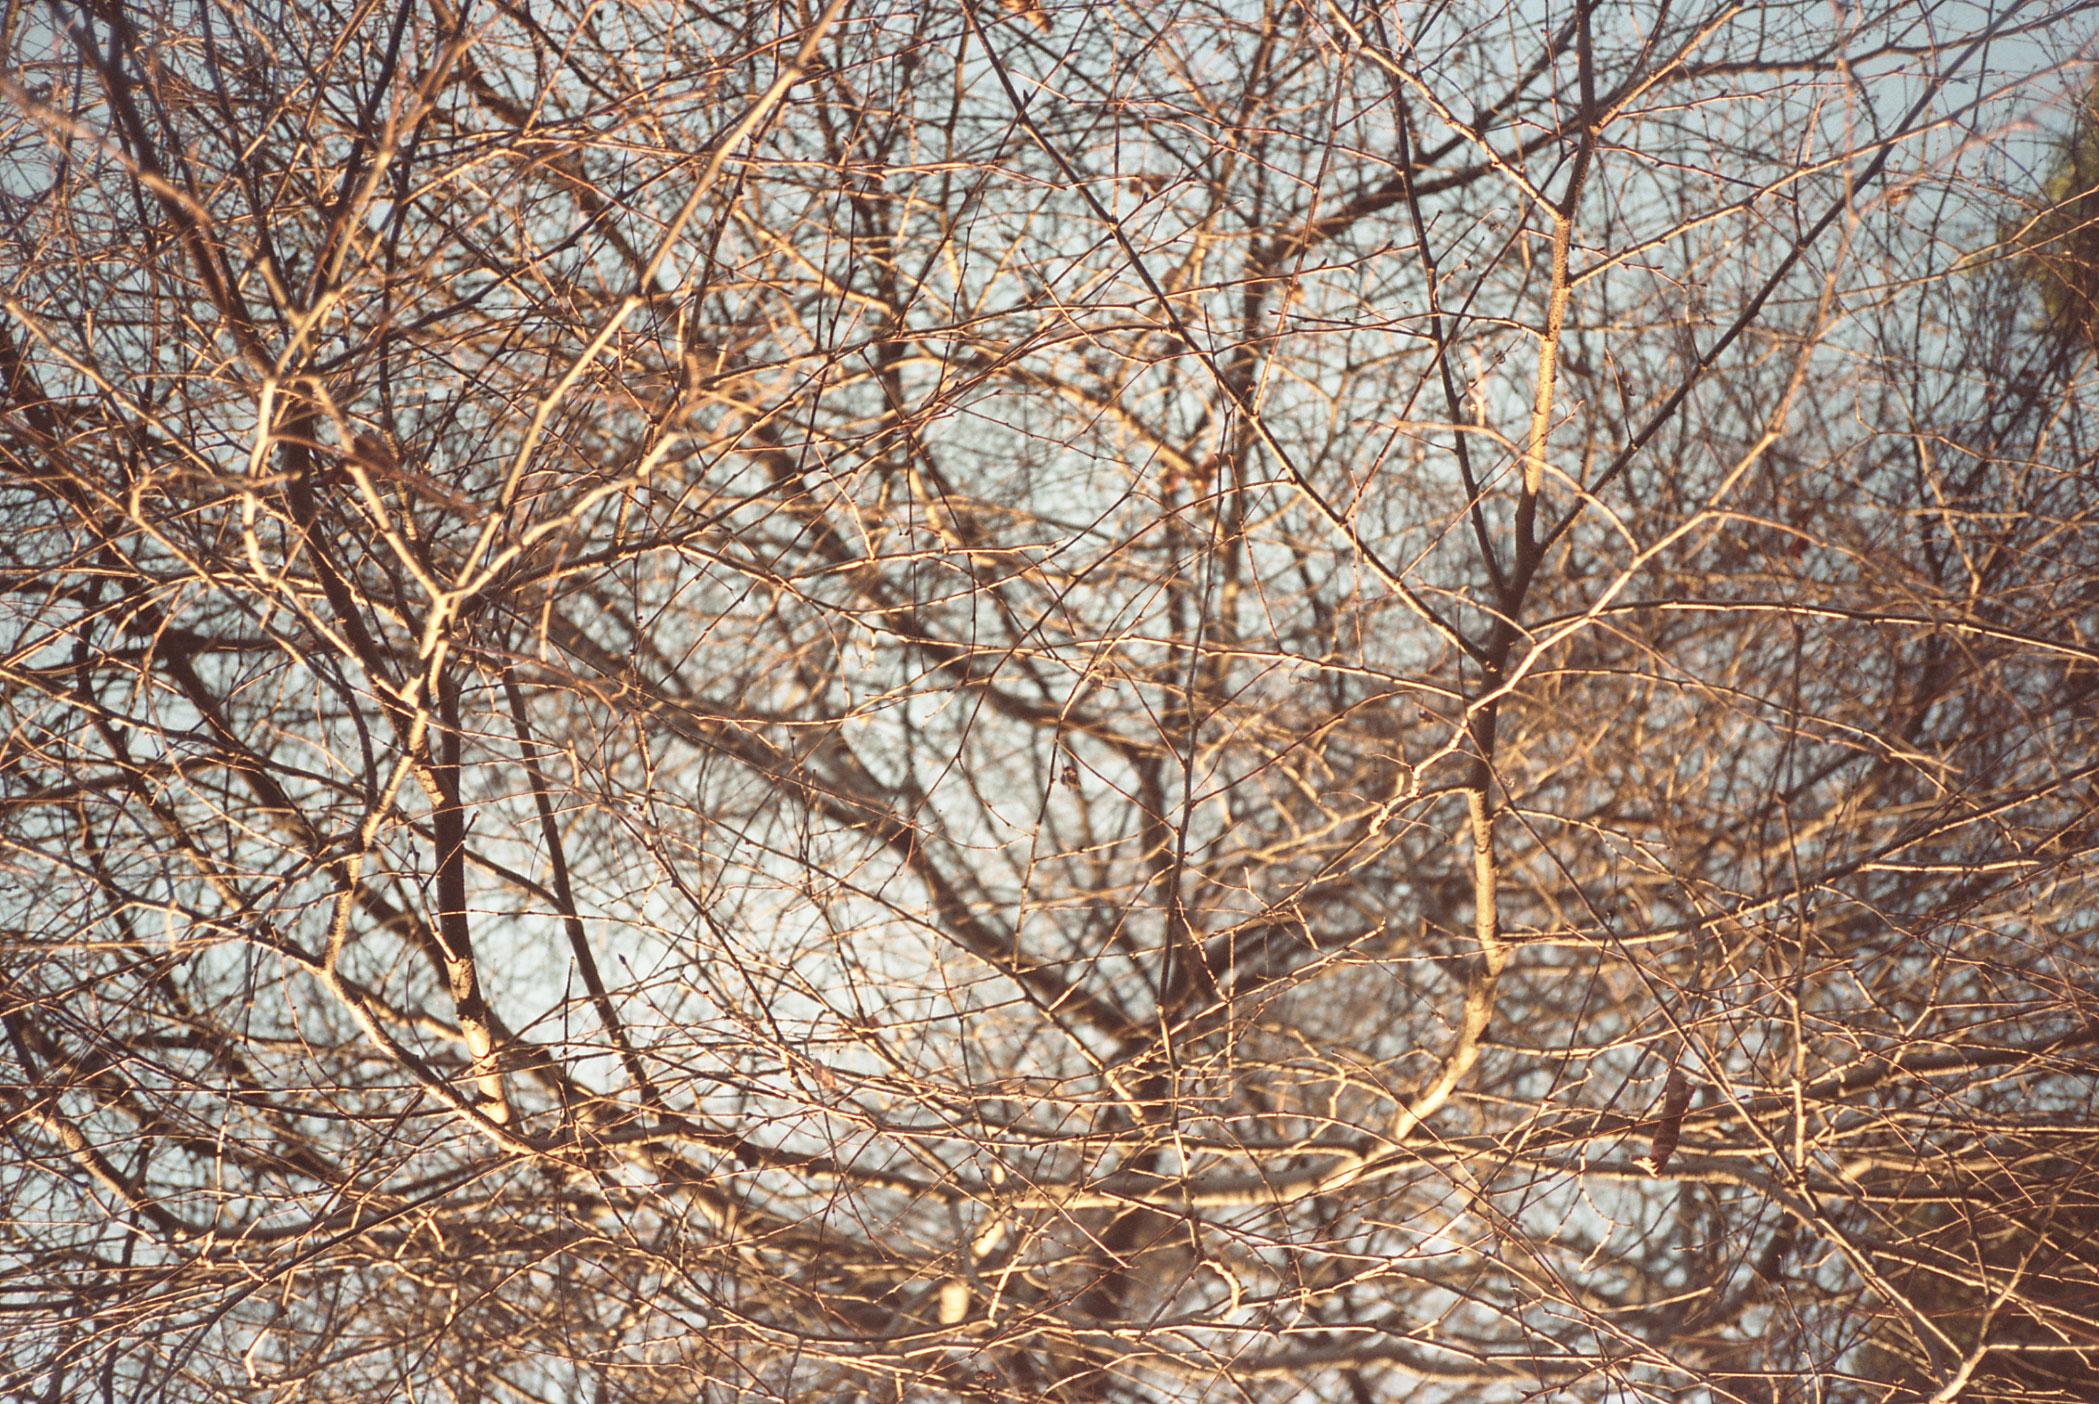 Branches-22.2.2015.jpg